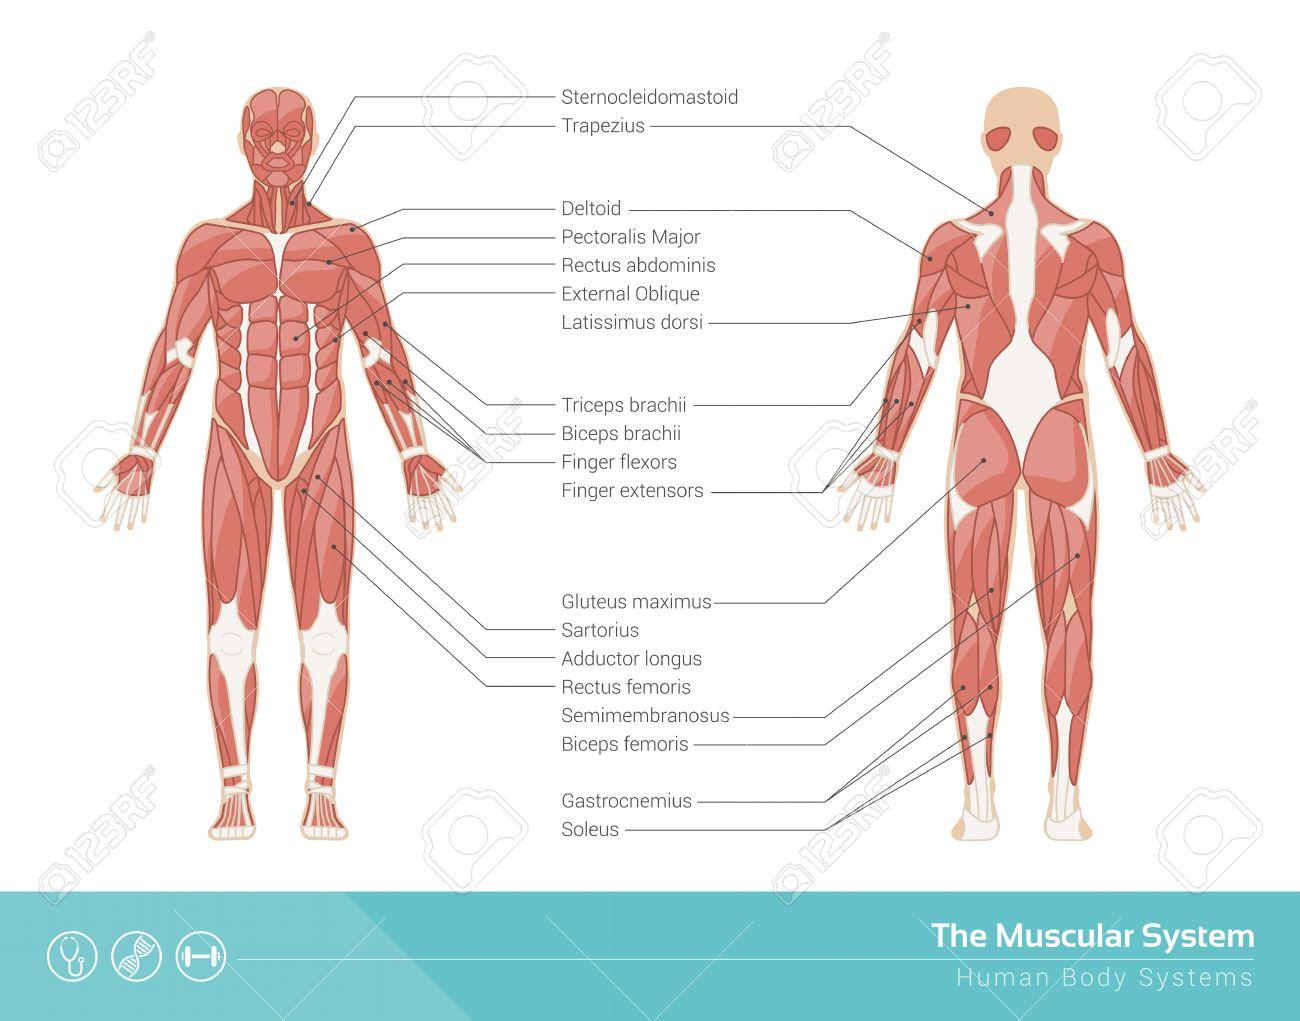 Atractivo Diagrama Musculoso Humana Adorno - Imágenes de Anatomía ...